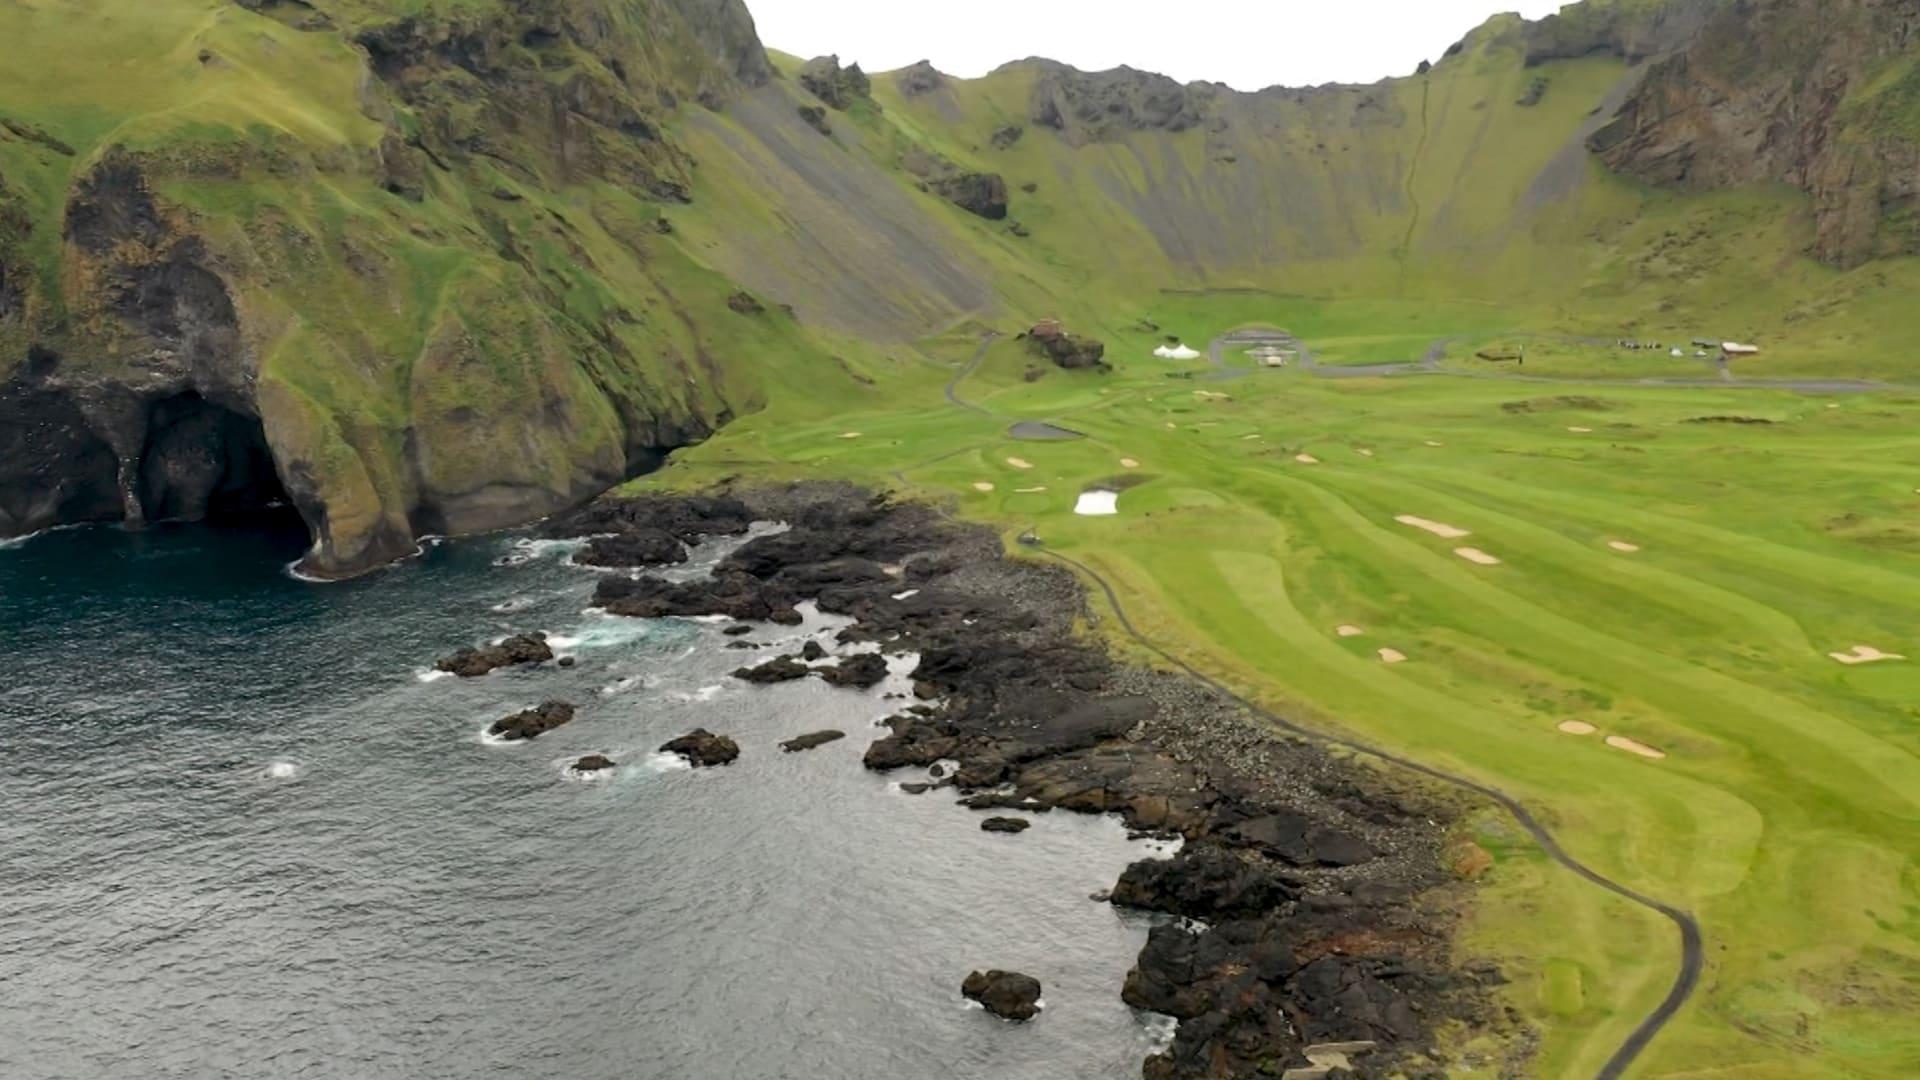 لماذا يتدفق الزوار من كل أنحاء العالم إلى ملعب الغولف هذا في أيسلندا؟